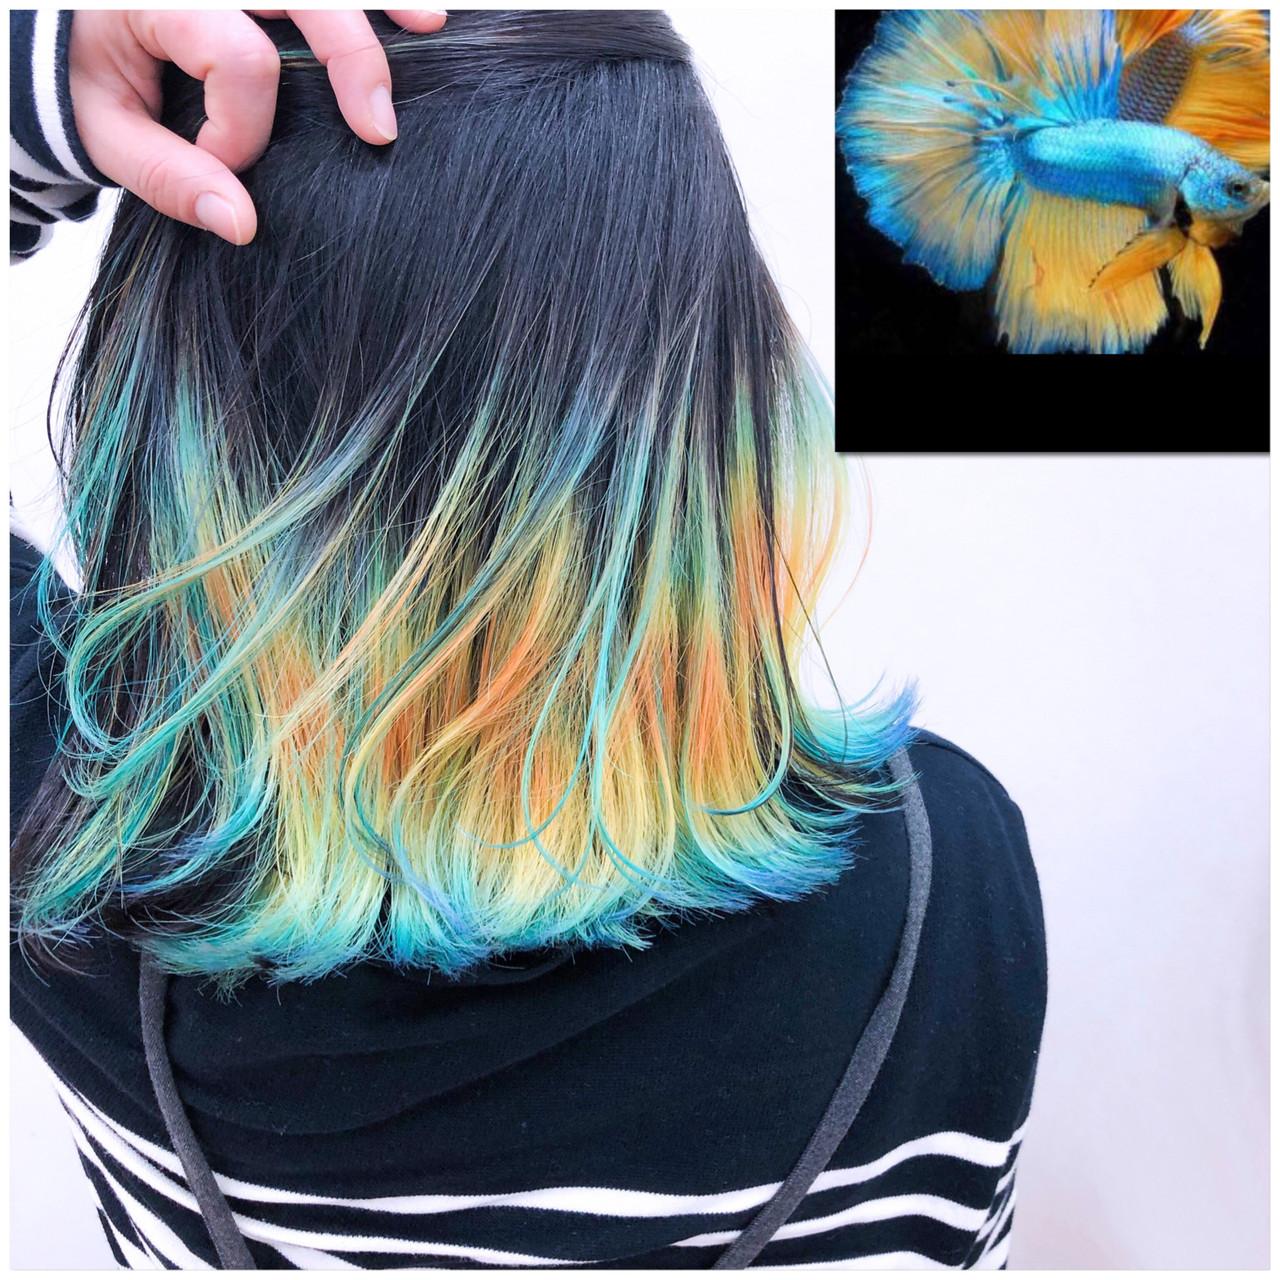 派手髪 インナーカラー ハイトーンカラー ストリート ヘアスタイルや髪型の写真・画像